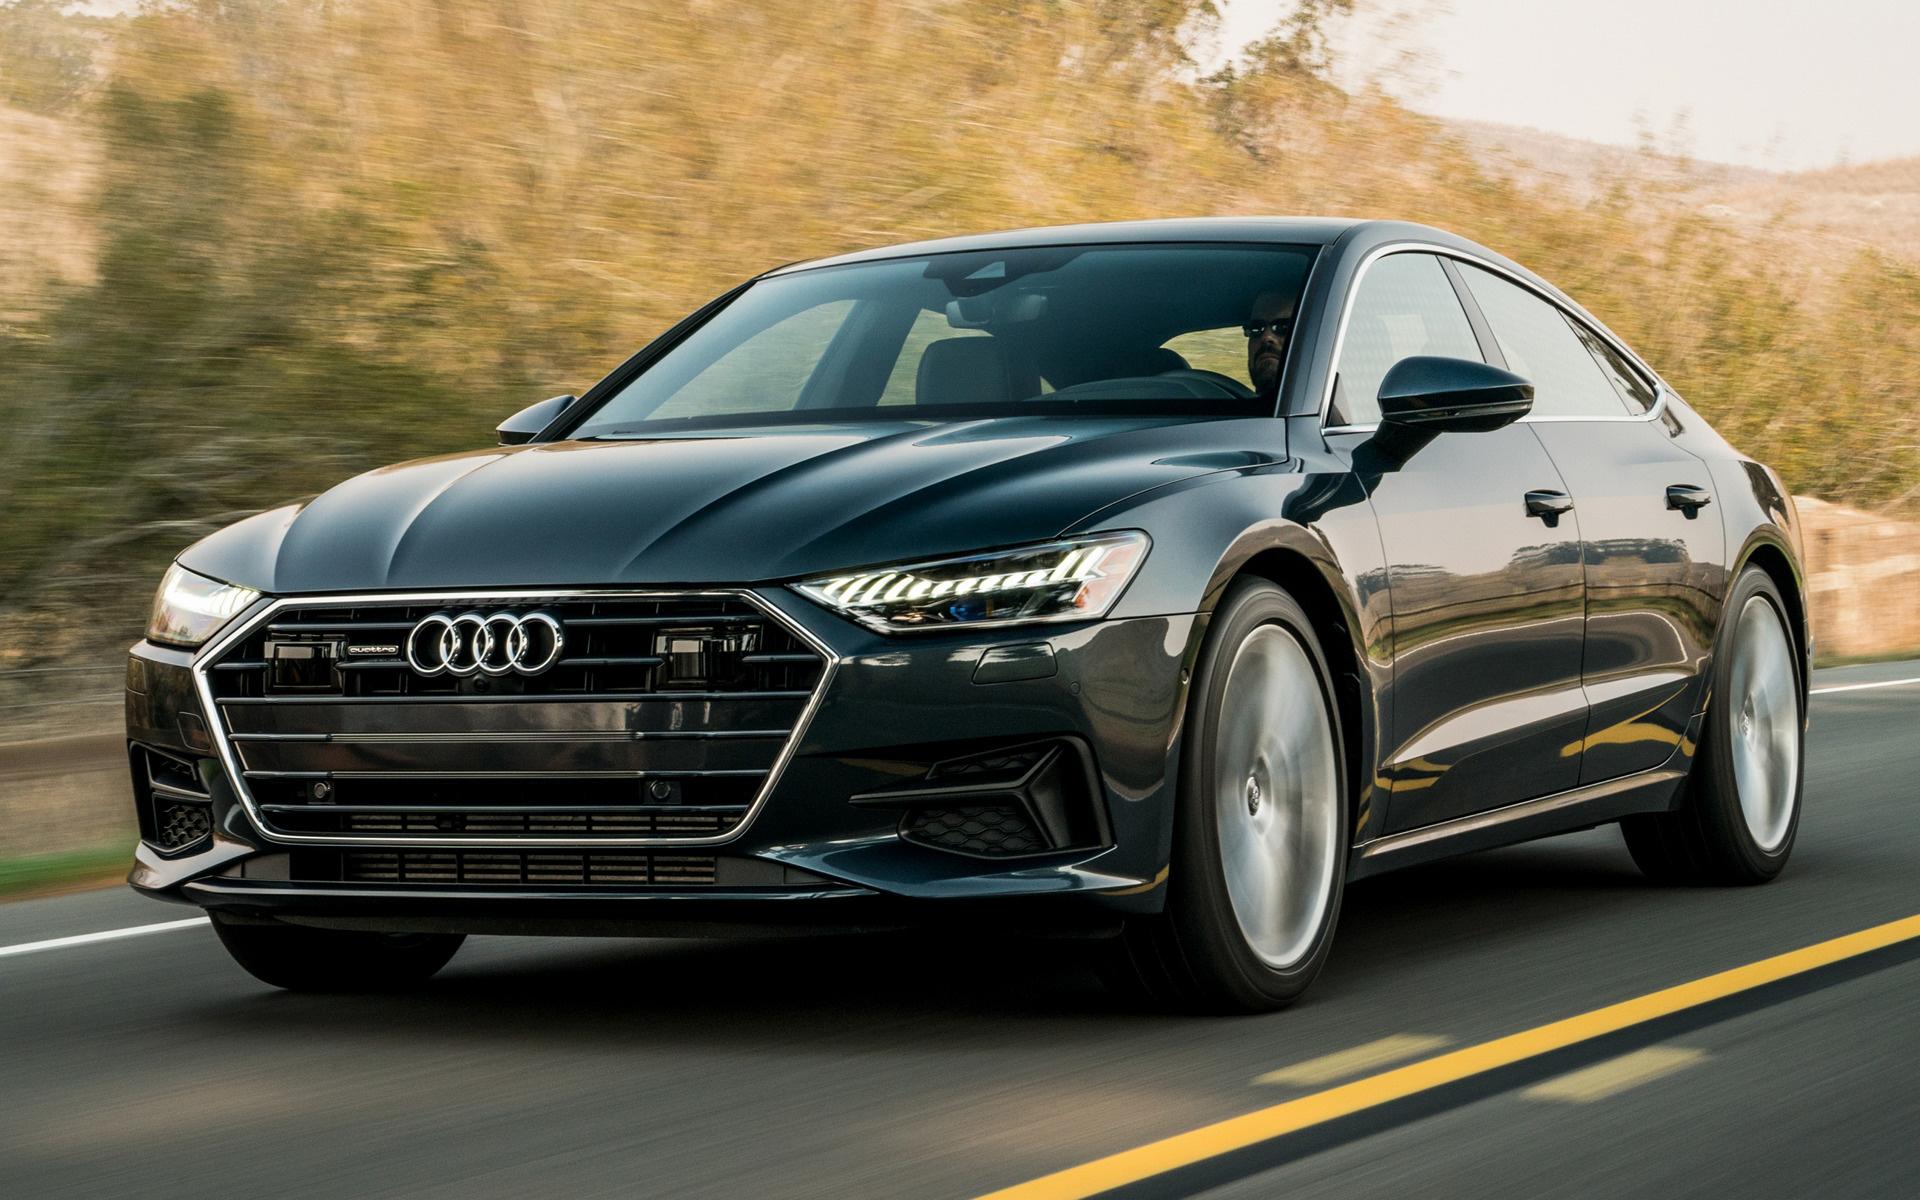 Kelebihan Kekurangan Audi A7 Sportback Tangguh